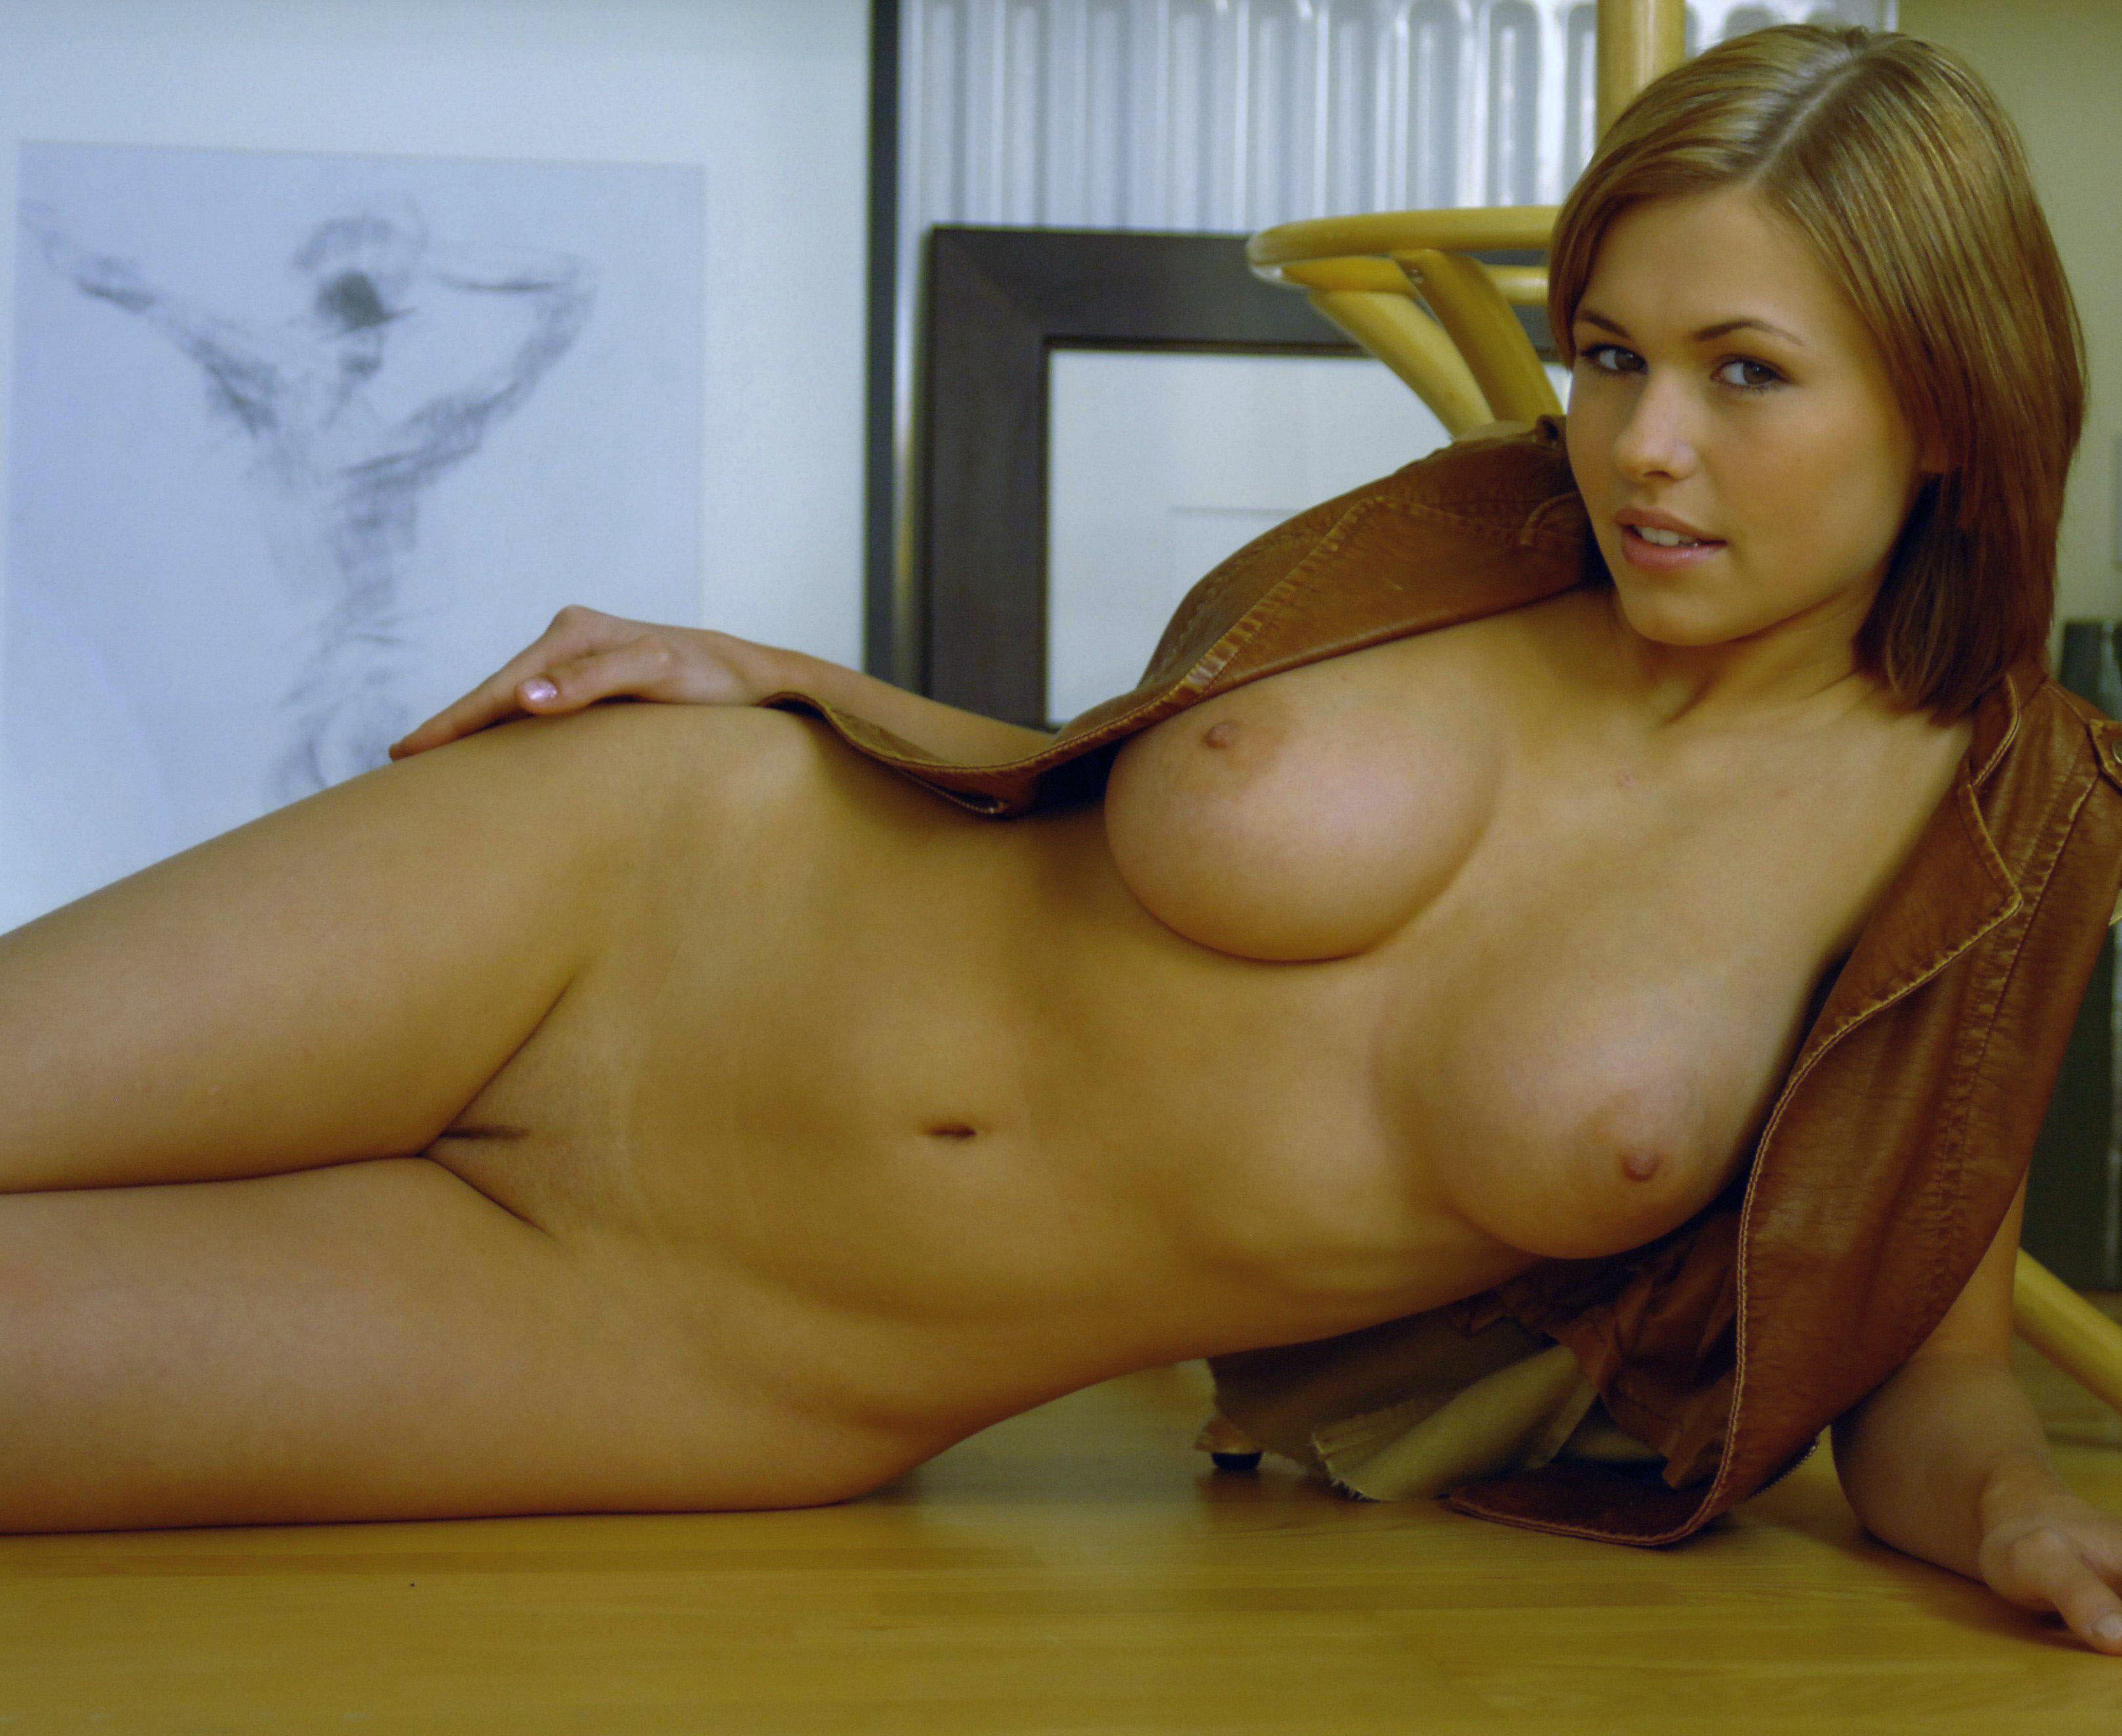 Eva eve iga wyrwal nude